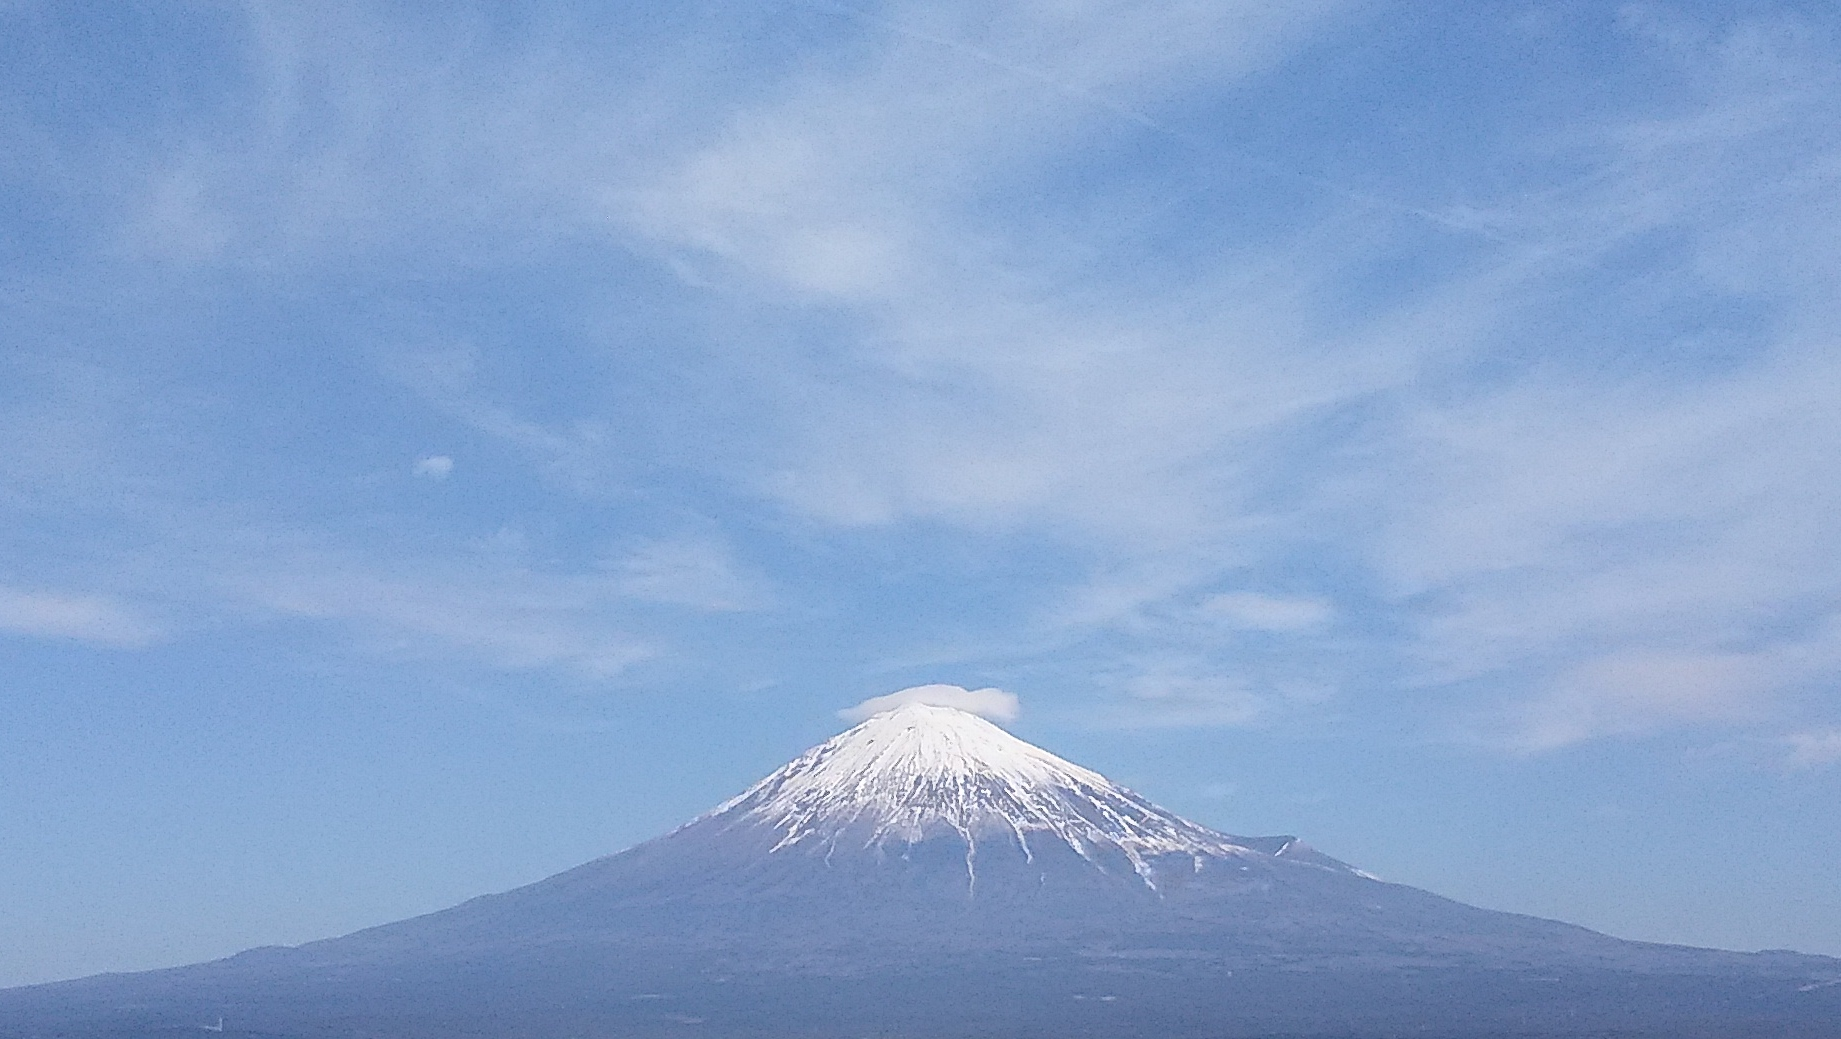 2017年1月29日の富士山の写真